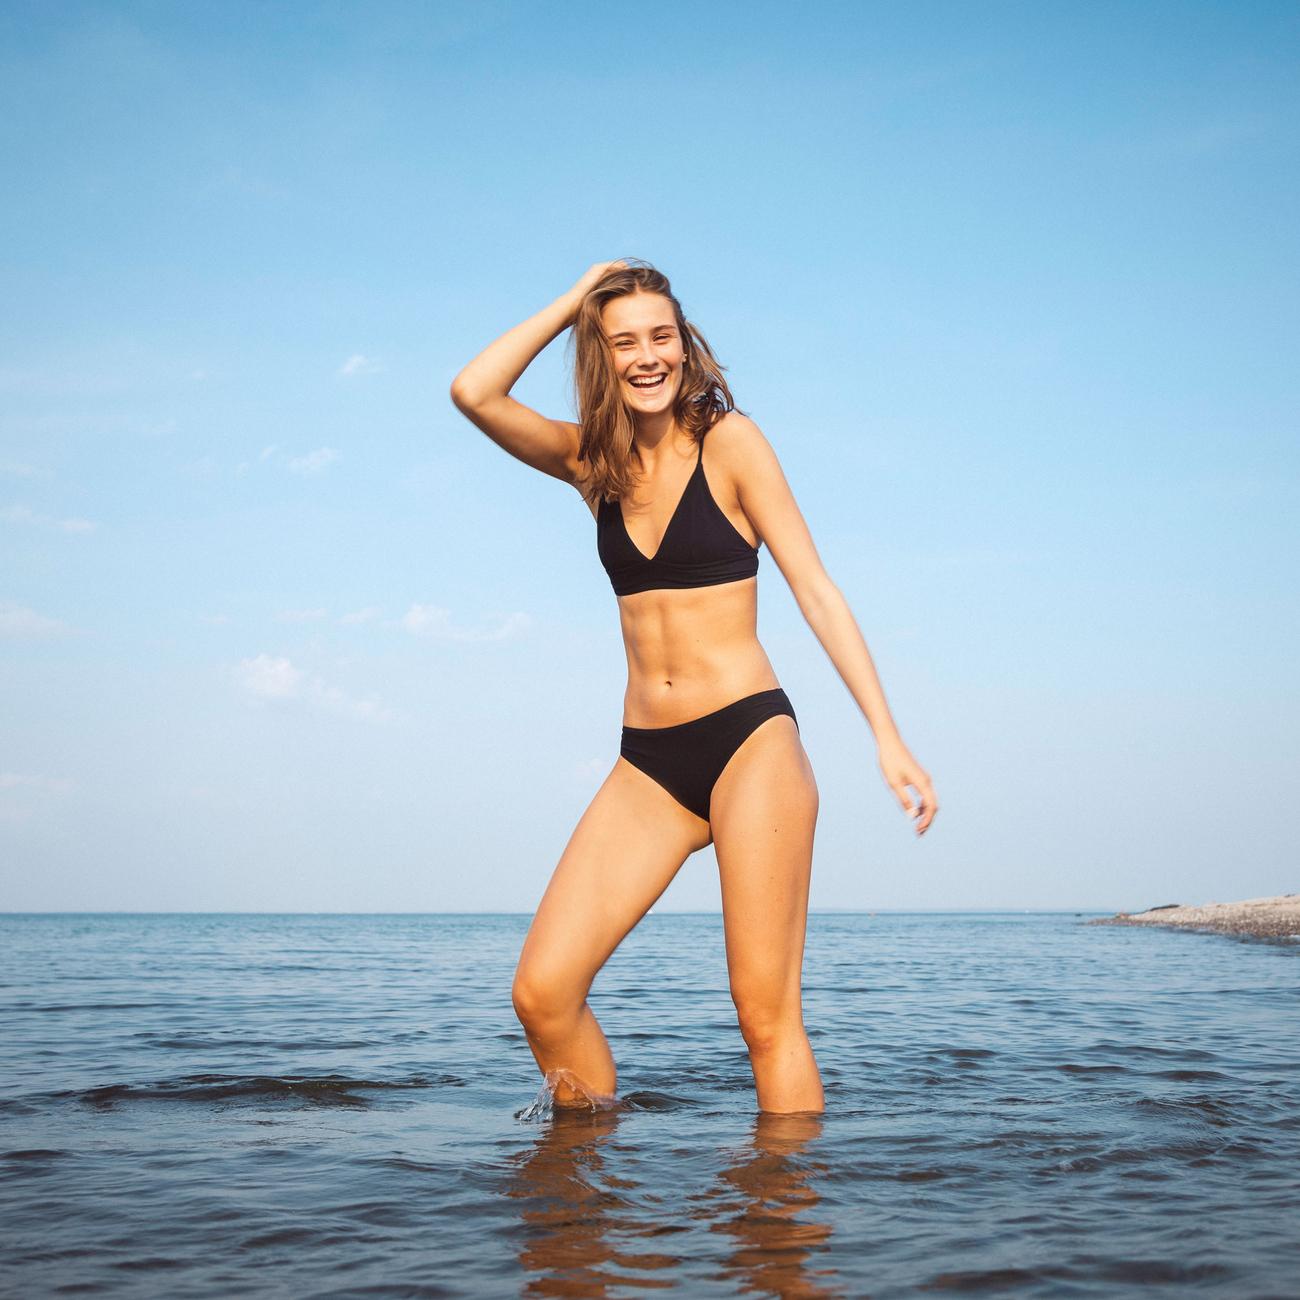 Bikini Briefs Burgsvik